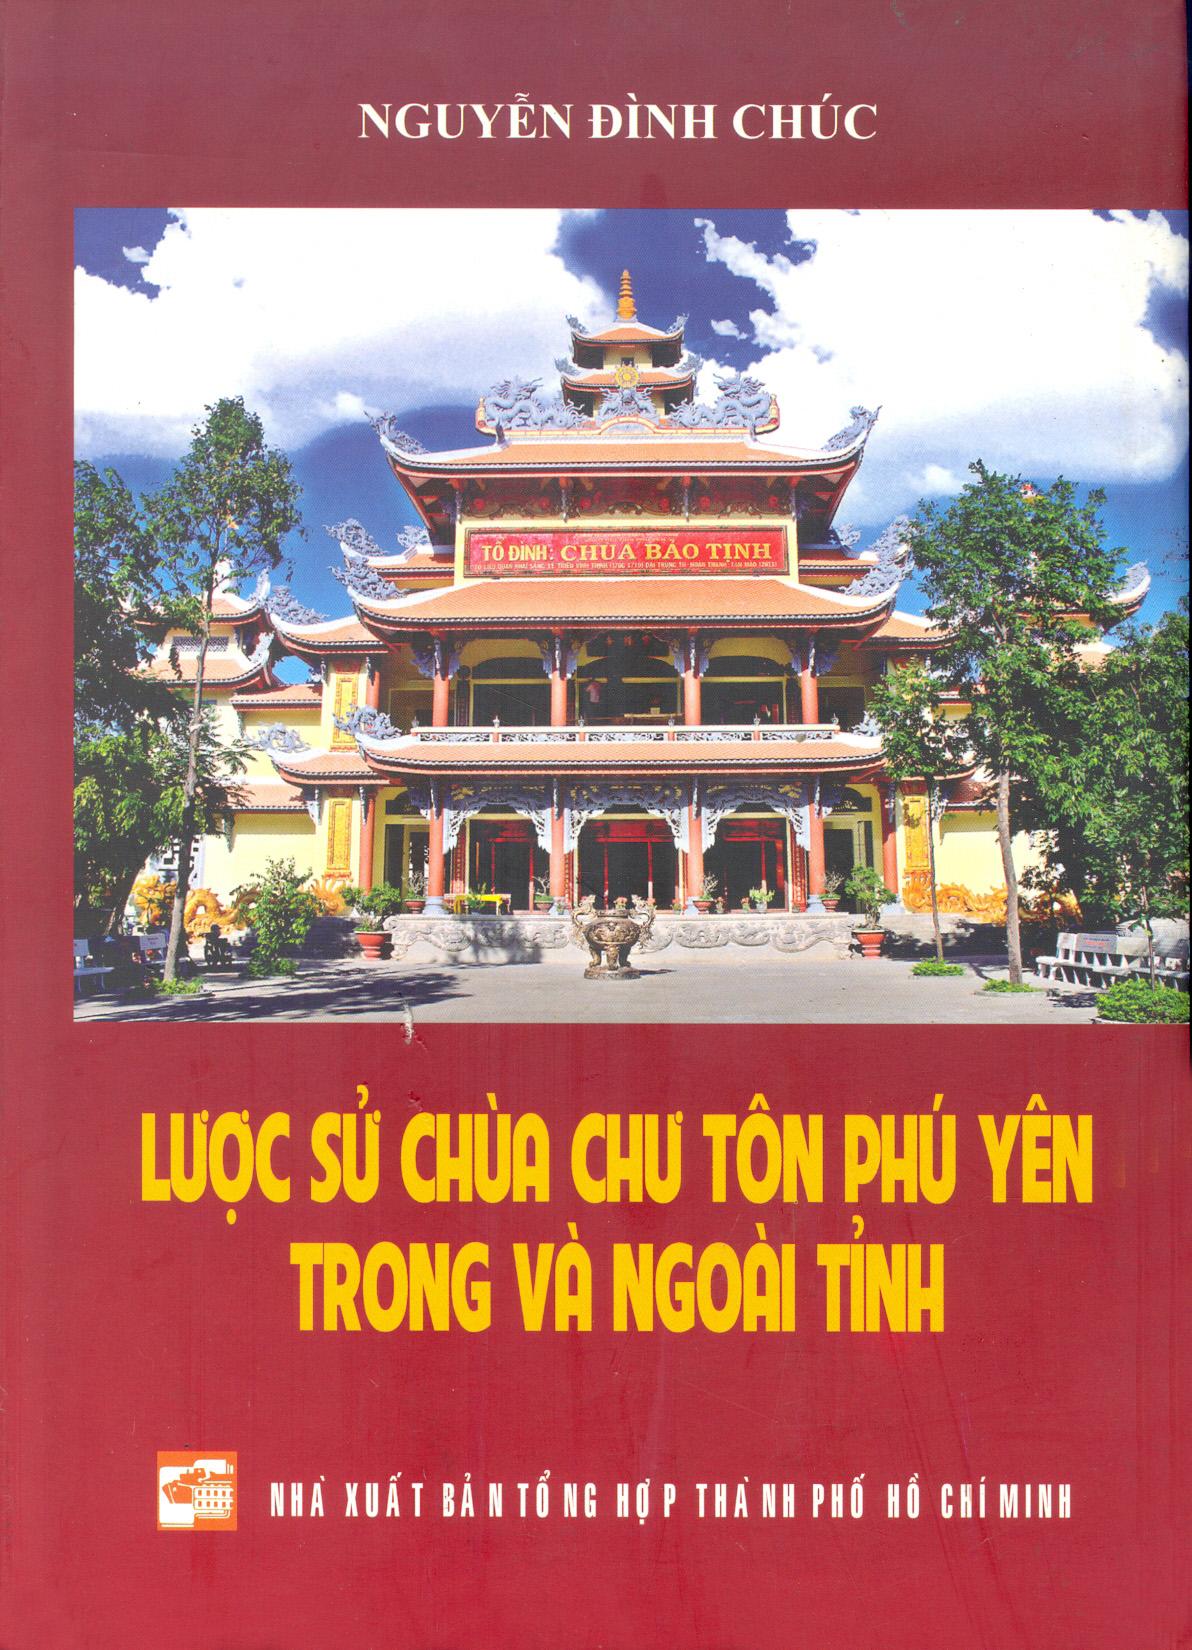 Địa chí Quảng Nam - Đà Nẵng